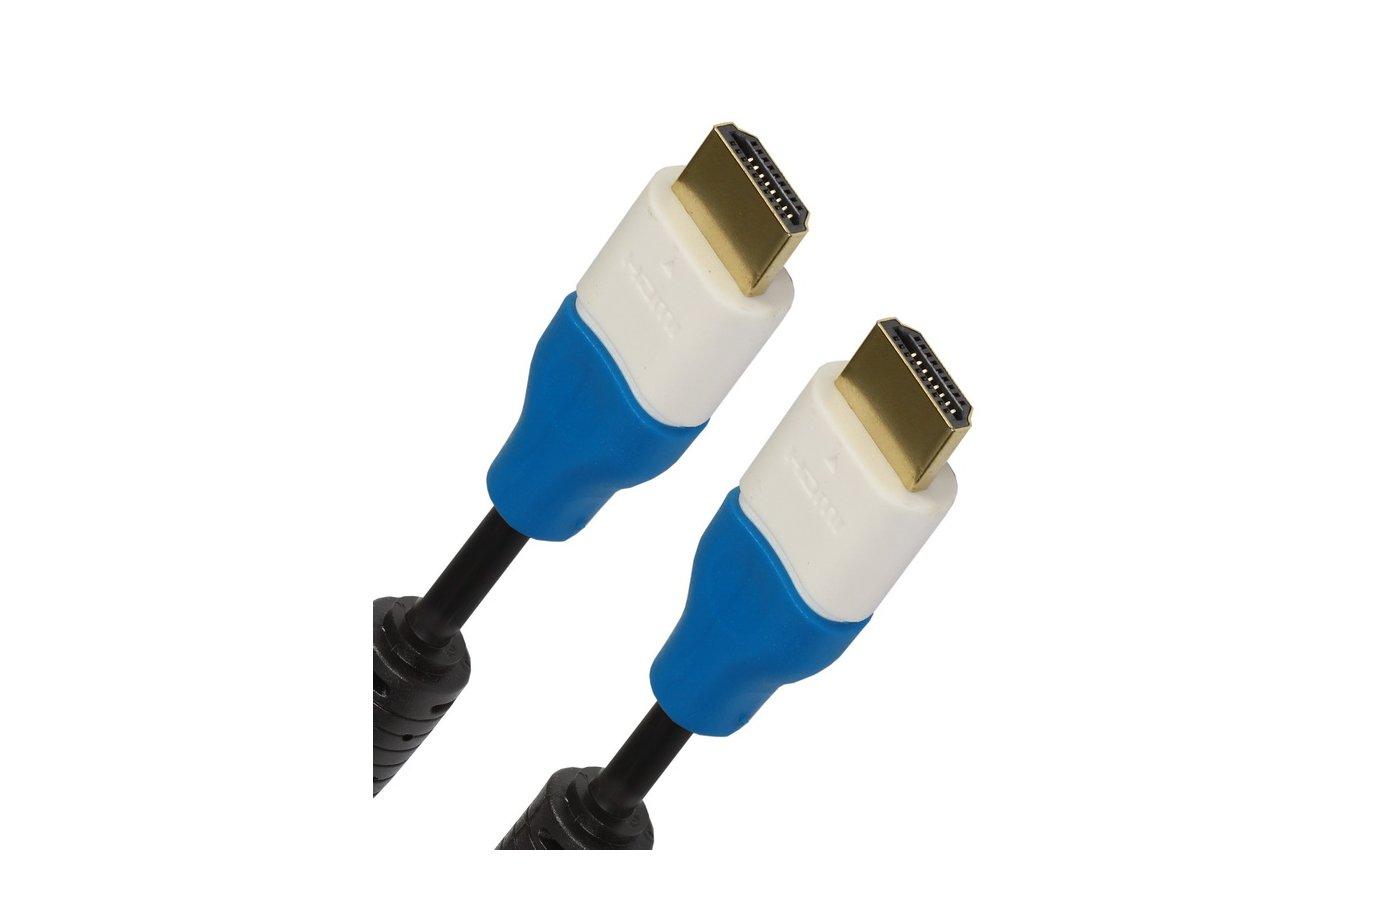 Кабель Smartbuy HDMI(m) - HDMI(m) 2 фильтра ver.1.4 (К332) 3м.